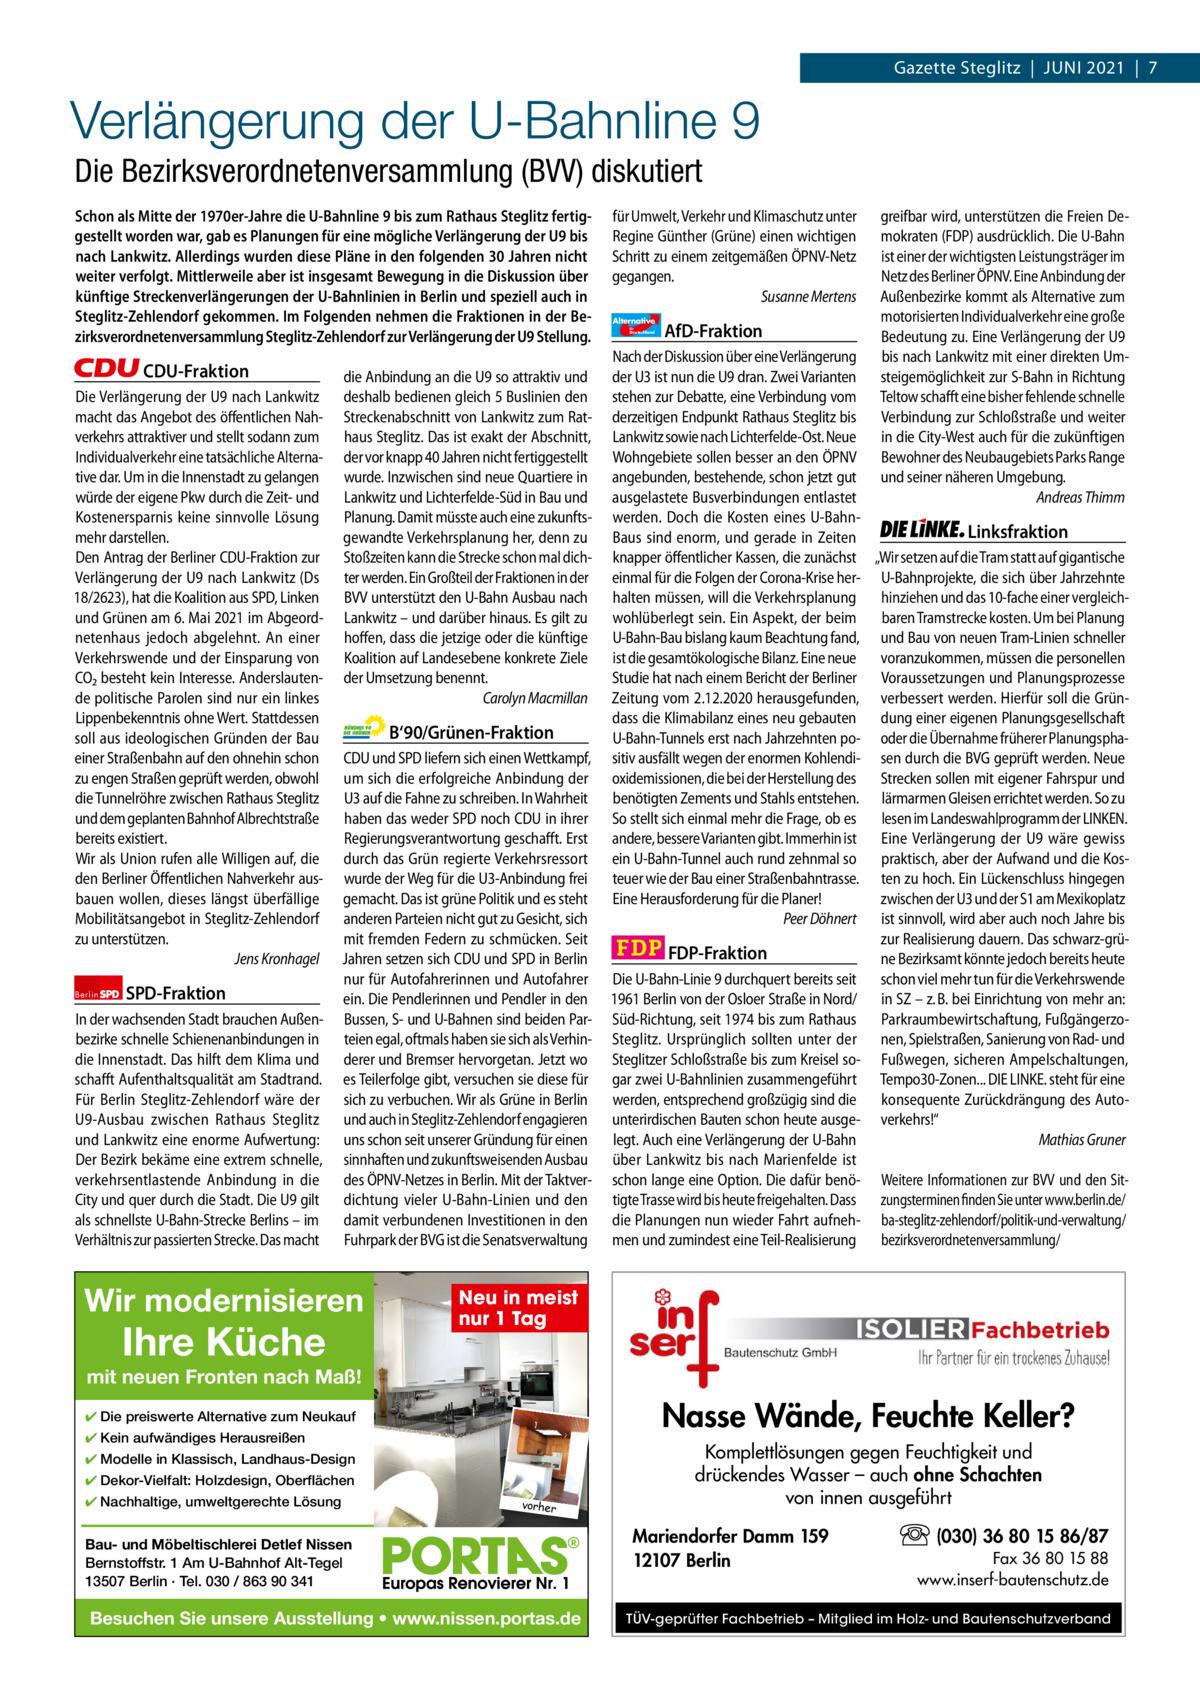 1 | Gazette Zehlendorf | JUNI 2021  Gazette Steglitz|JUNI 2021|7  Verlängerung der U-Bahnline 9 Die Bezirksverordnetenversammlung (BVV) diskutiert Schon als Mitte der 1970er-Jahre die U-Bahnline 9 bis zum Rathaus Steglitz fertiggestellt worden war, gab es Planungen für eine mögliche Verlängerung der U9 bis nach Lankwitz. Allerdings wurden diese Pläne in den folgenden 30Jahren nicht weiter verfolgt. Mittlerweile aber ist insgesamt Bewegung in die Diskussion über künftige Streckenverlängerungen der U-Bahnlinien in Berlin und speziell auch in Steglitz-Zehlendorf gekommen. Im Folgenden nehmen die Fraktionen in der Bezirksverordnetenversammlung Steglitz-Zehlendorf zur Verlängerung der U9 Stellung.  CDU-Fraktion Die Verlängerung der U9 nach Lankwitz macht das Angebot des öffentlichen Nahverkehrs attraktiver und stellt sodann zum Individualverkehr eine tatsächliche Alternative dar. Um in die Innenstadt zu gelangen würde der eigene Pkw durch die Zeit- und Kostenersparnis keine sinnvolle Lösung mehr darstellen. Den Antrag der Berliner CDU-Fraktion zur Verlängerung der U9 nach Lankwitz (Ds 18/2623), hat die Koalition aus SPD, Linken und Grünen am 6.Mai 2021 im Abgeordnetenhaus jedoch abgelehnt. An einer Verkehrswende und der Einsparung von CO2 besteht kein Interesse. Anderslautende politische Parolen sind nur ein linkes Lippenbekenntnis ohne Wert. Stattdessen soll aus ideologischen Gründen der Bau einer Straßenbahn auf den ohnehin schon zu engen Straßen geprüft werden, obwohl die Tunnelröhre zwischen Rathaus Steglitz und dem geplanten Bahnhof Albrechtstraße bereits existiert. Wir als Union rufen alle Willigen auf, die den Berliner Öffentlichen Nahverkehr ausbauen wollen, dieses längst überfällige Mobilitätsangebot in Steglitz-Zehlendorf zu unterstützen. Jens Kronhagel Berlin  SPD-Fraktion  In der wachsenden Stadt brauchen Außenbezirke schnelle Schienenanbindungen in die Innenstadt. Das hilft dem Klima und schafft Aufenthaltsqualität am Stadtrand. Für Berlin Steglitz-Zehlendor